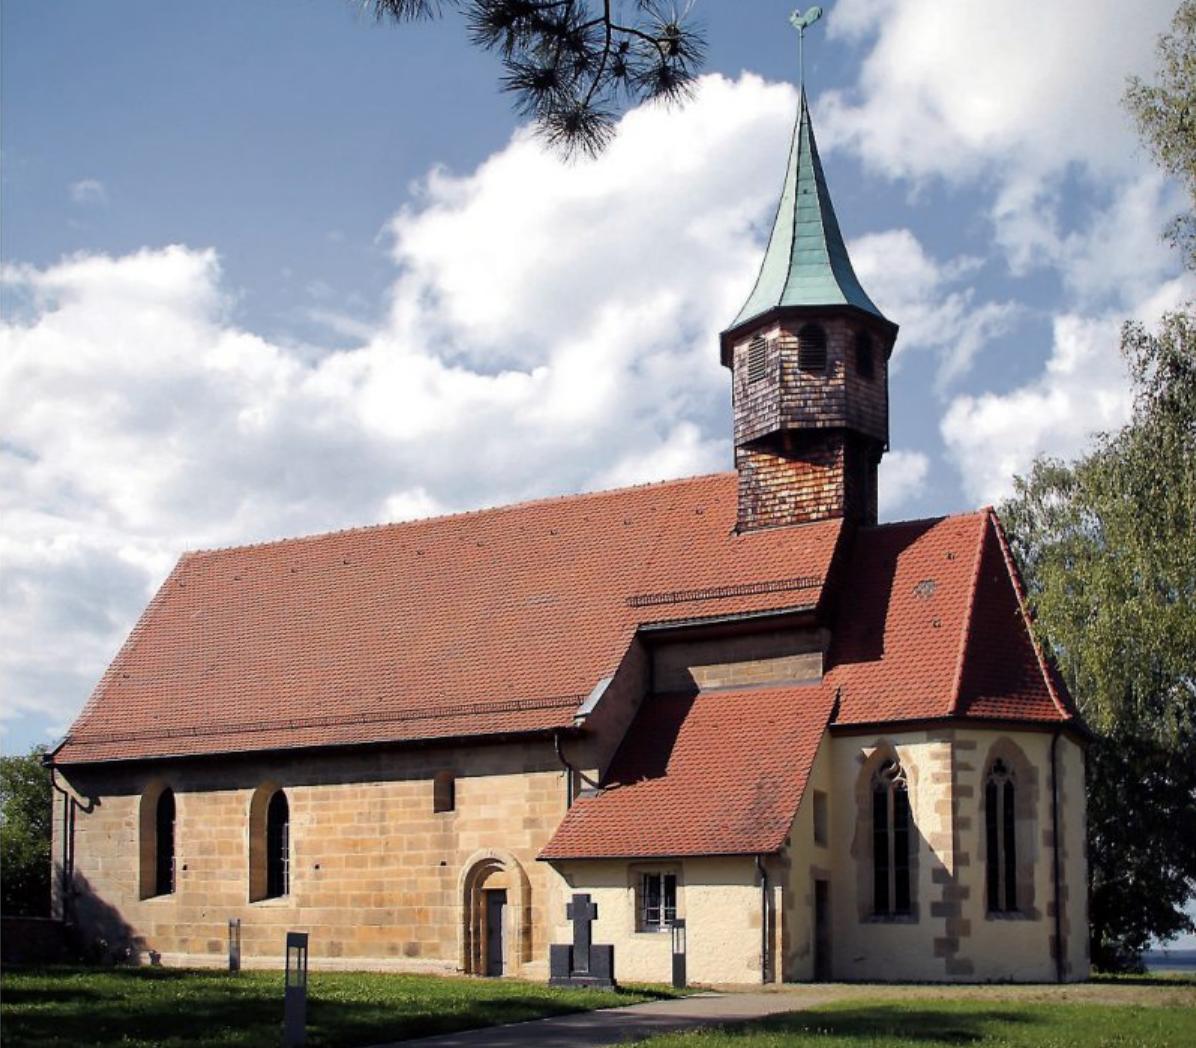 Die Belsener Kapelle ist eine der ältesten romanischen Chorturmkirchen des Landes. Bild: Erich Sommer